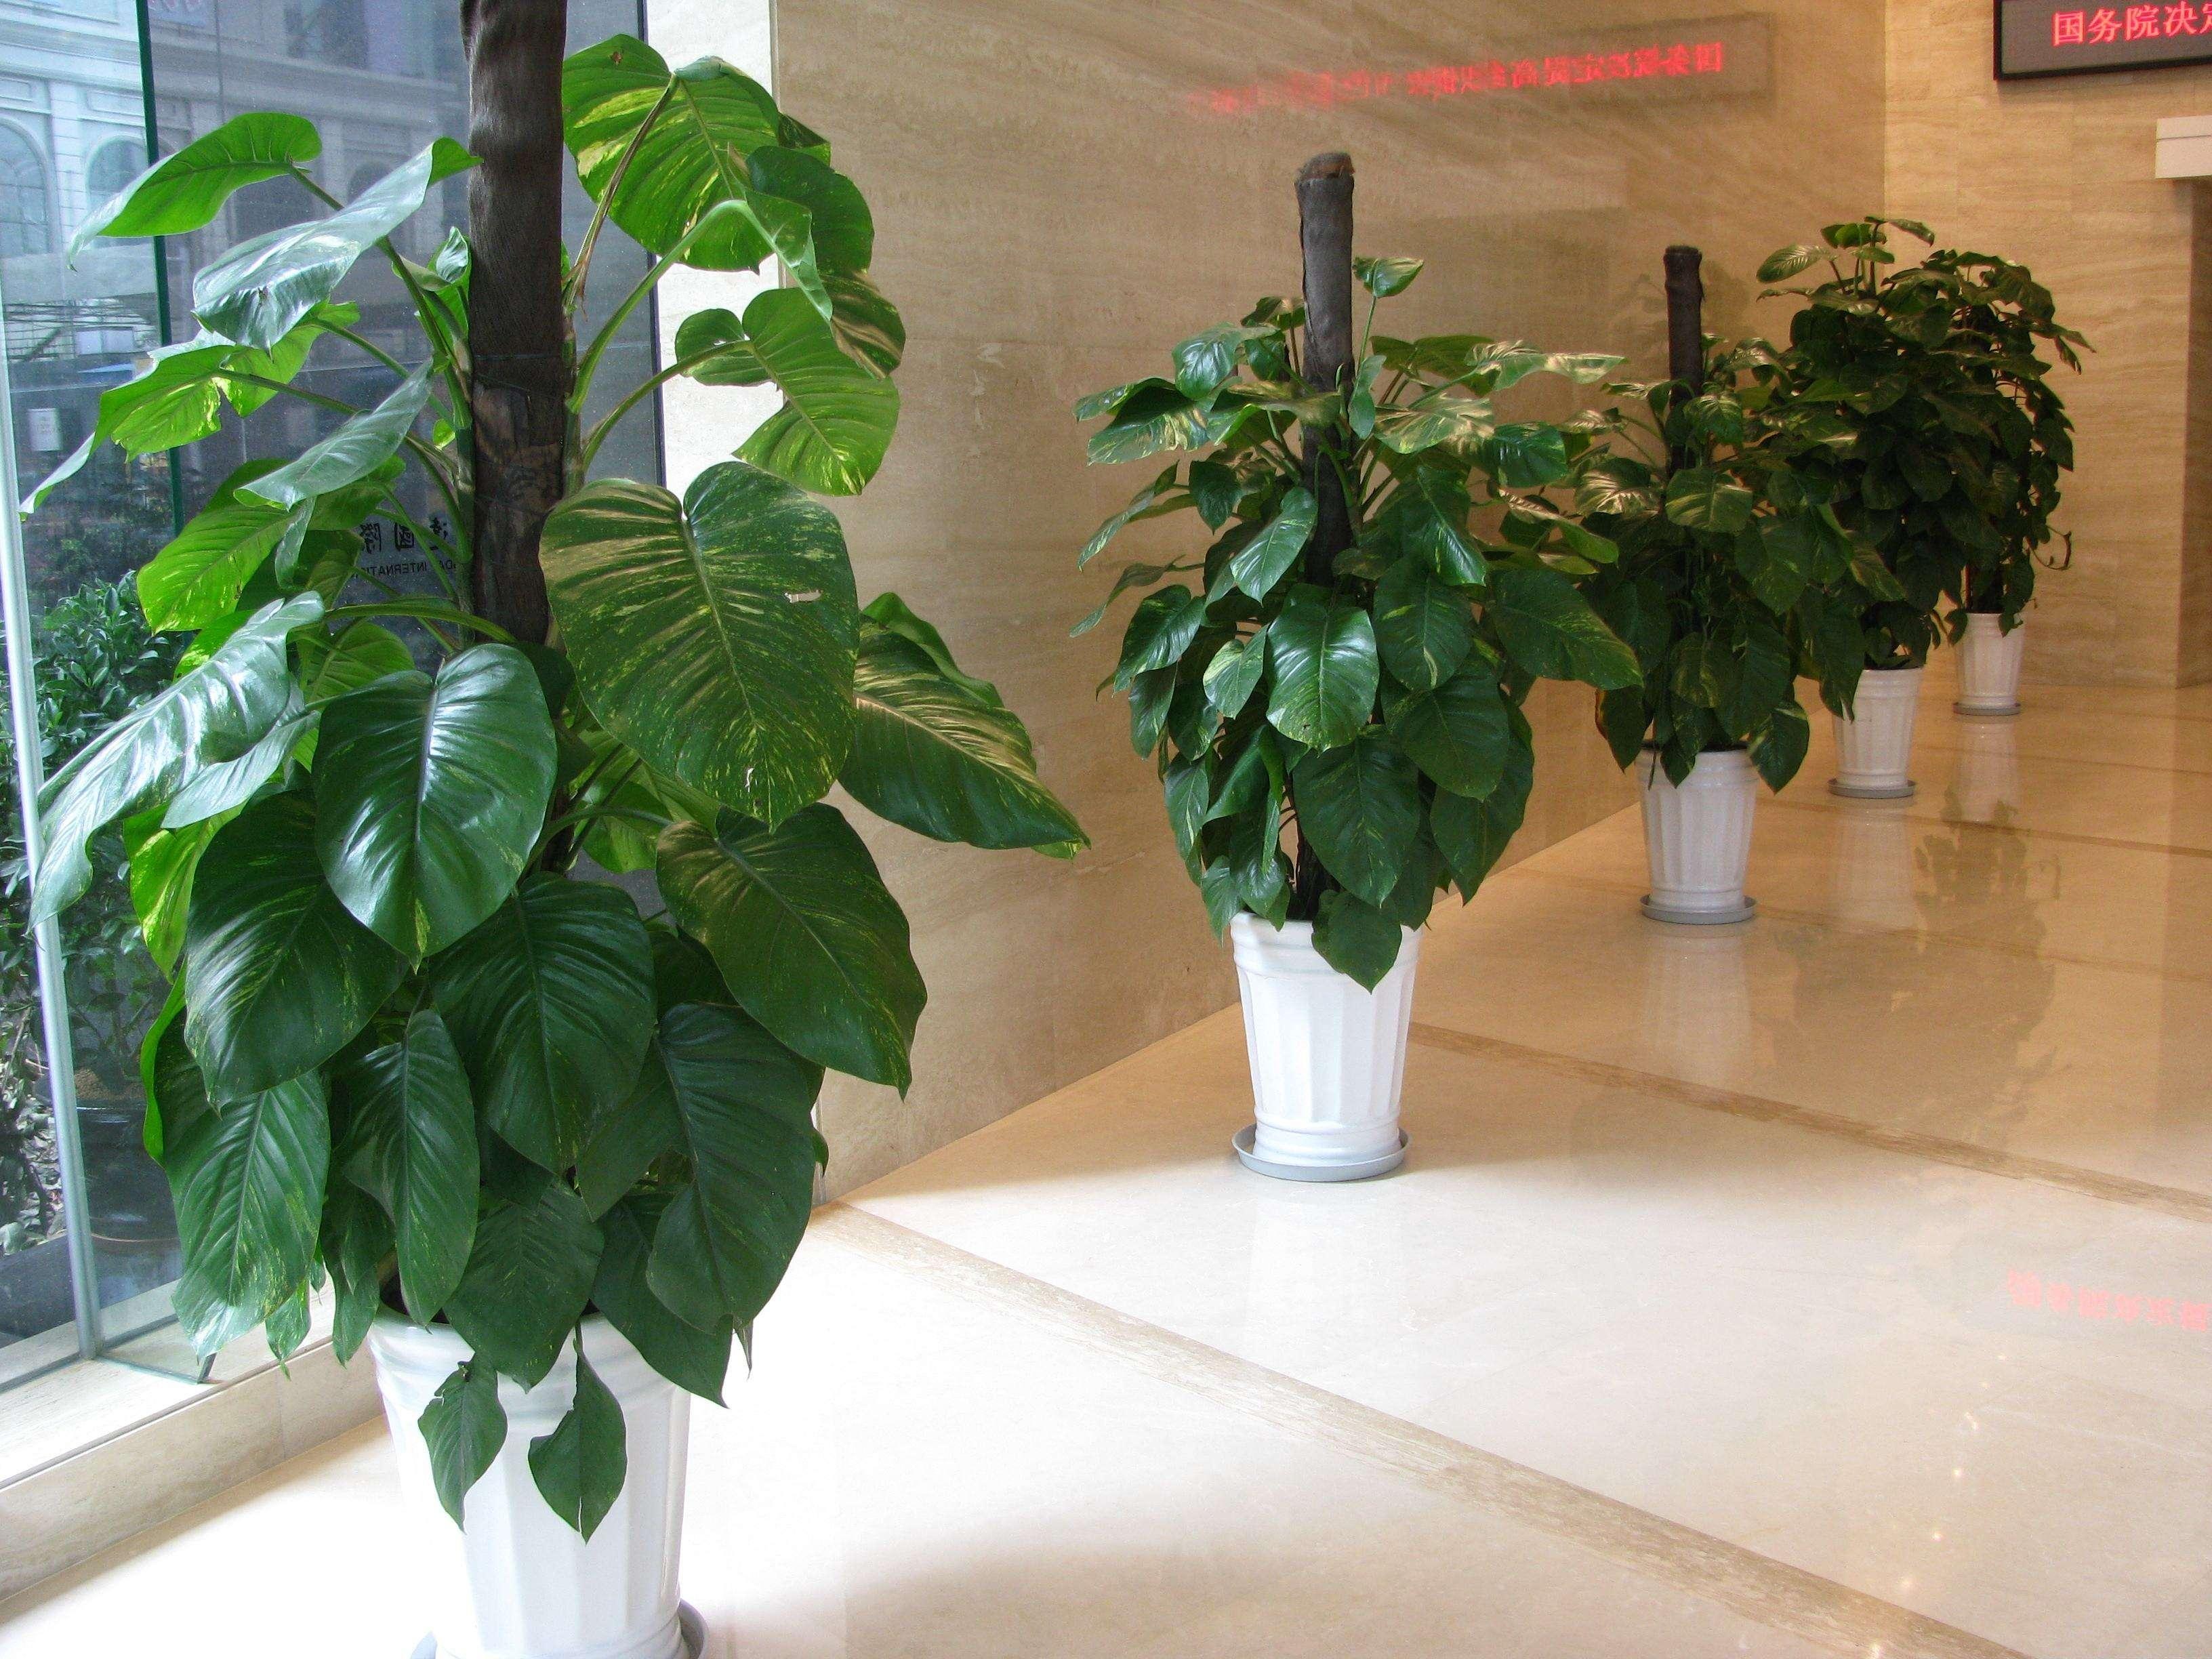 在选择植物租摆时需要注意些什么呢